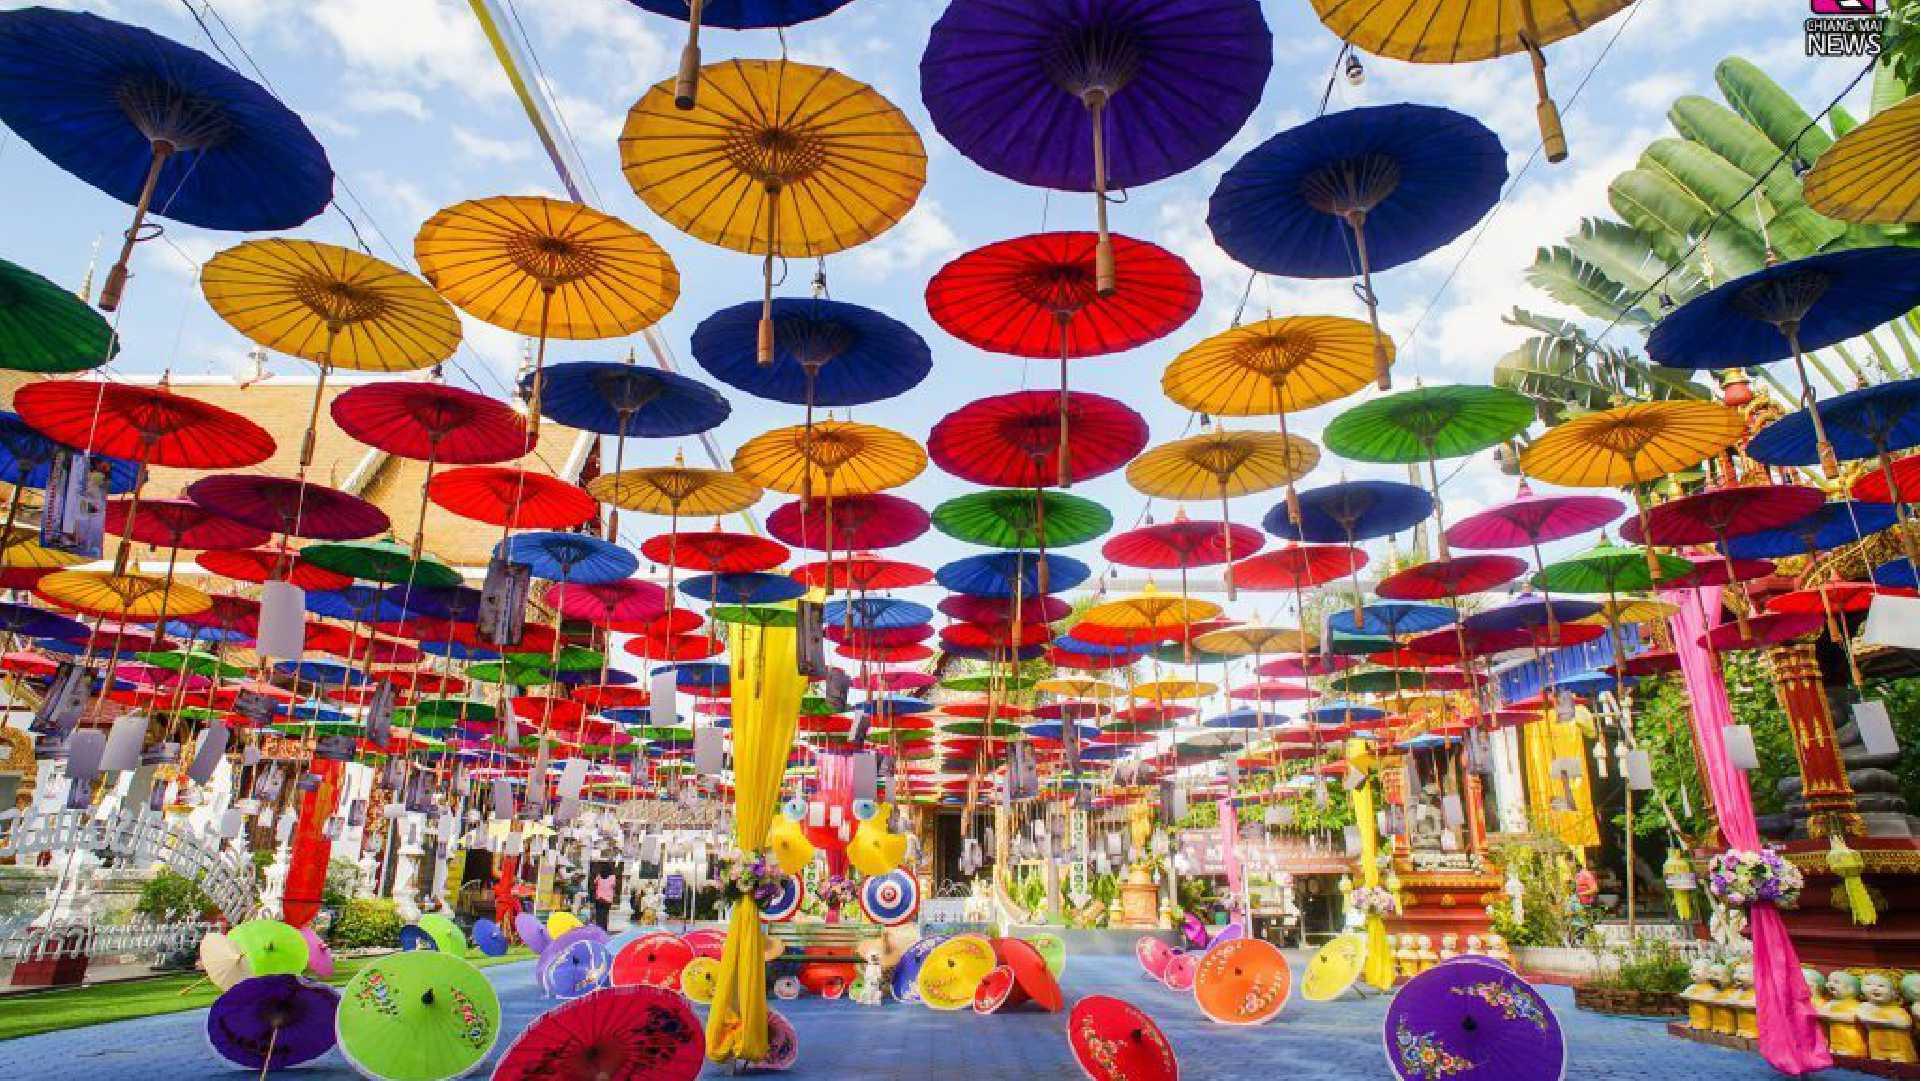 Umbrella Festival Decor